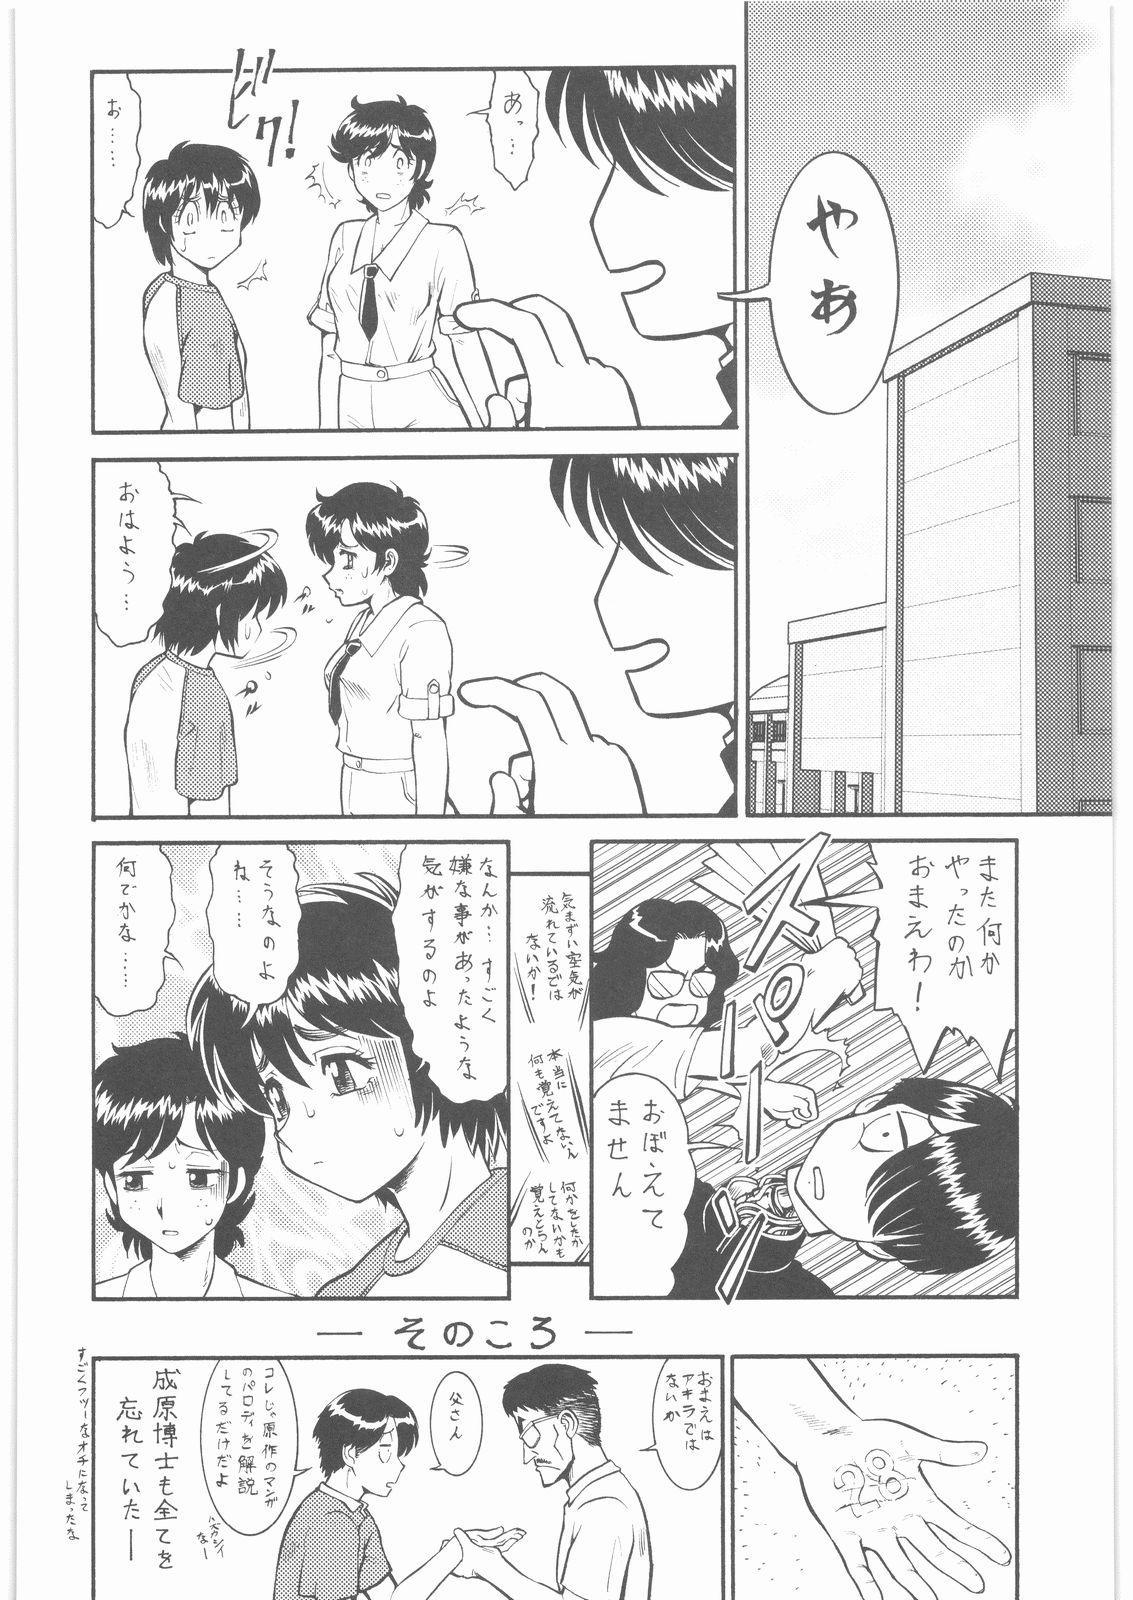 Umedamangashuu 12 Shito 48